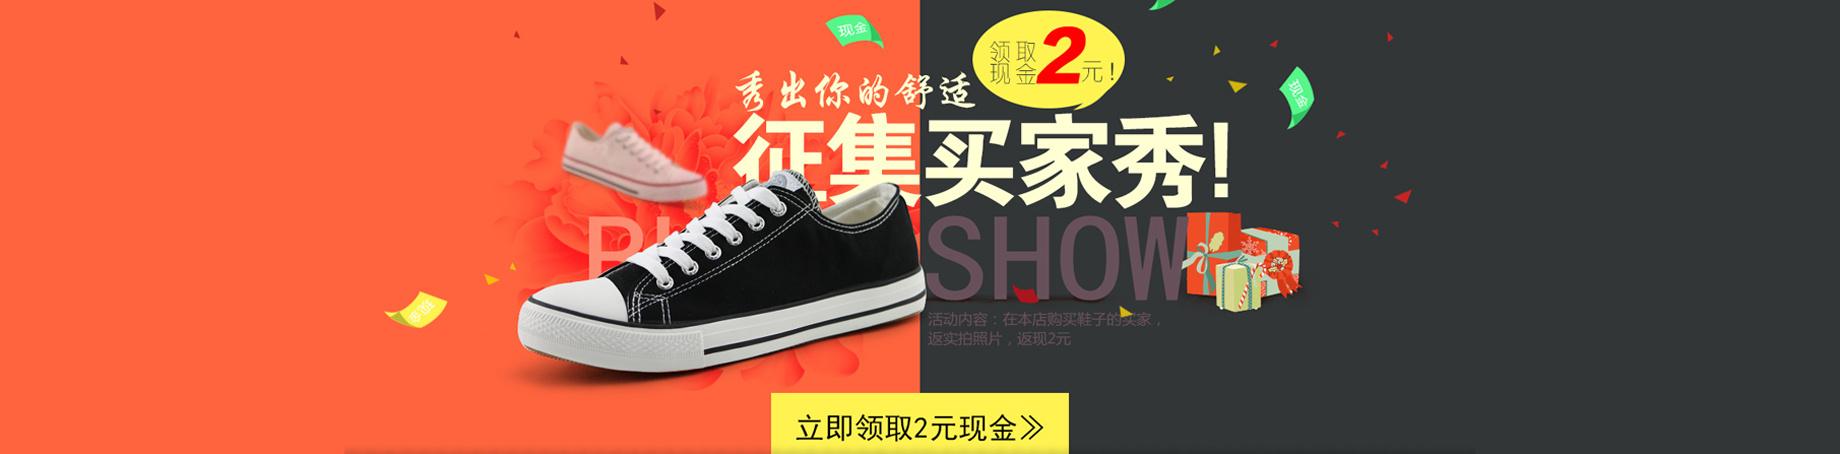 鞋子海报|网页|banner/广告图|我可喜欢你 - 原创作品